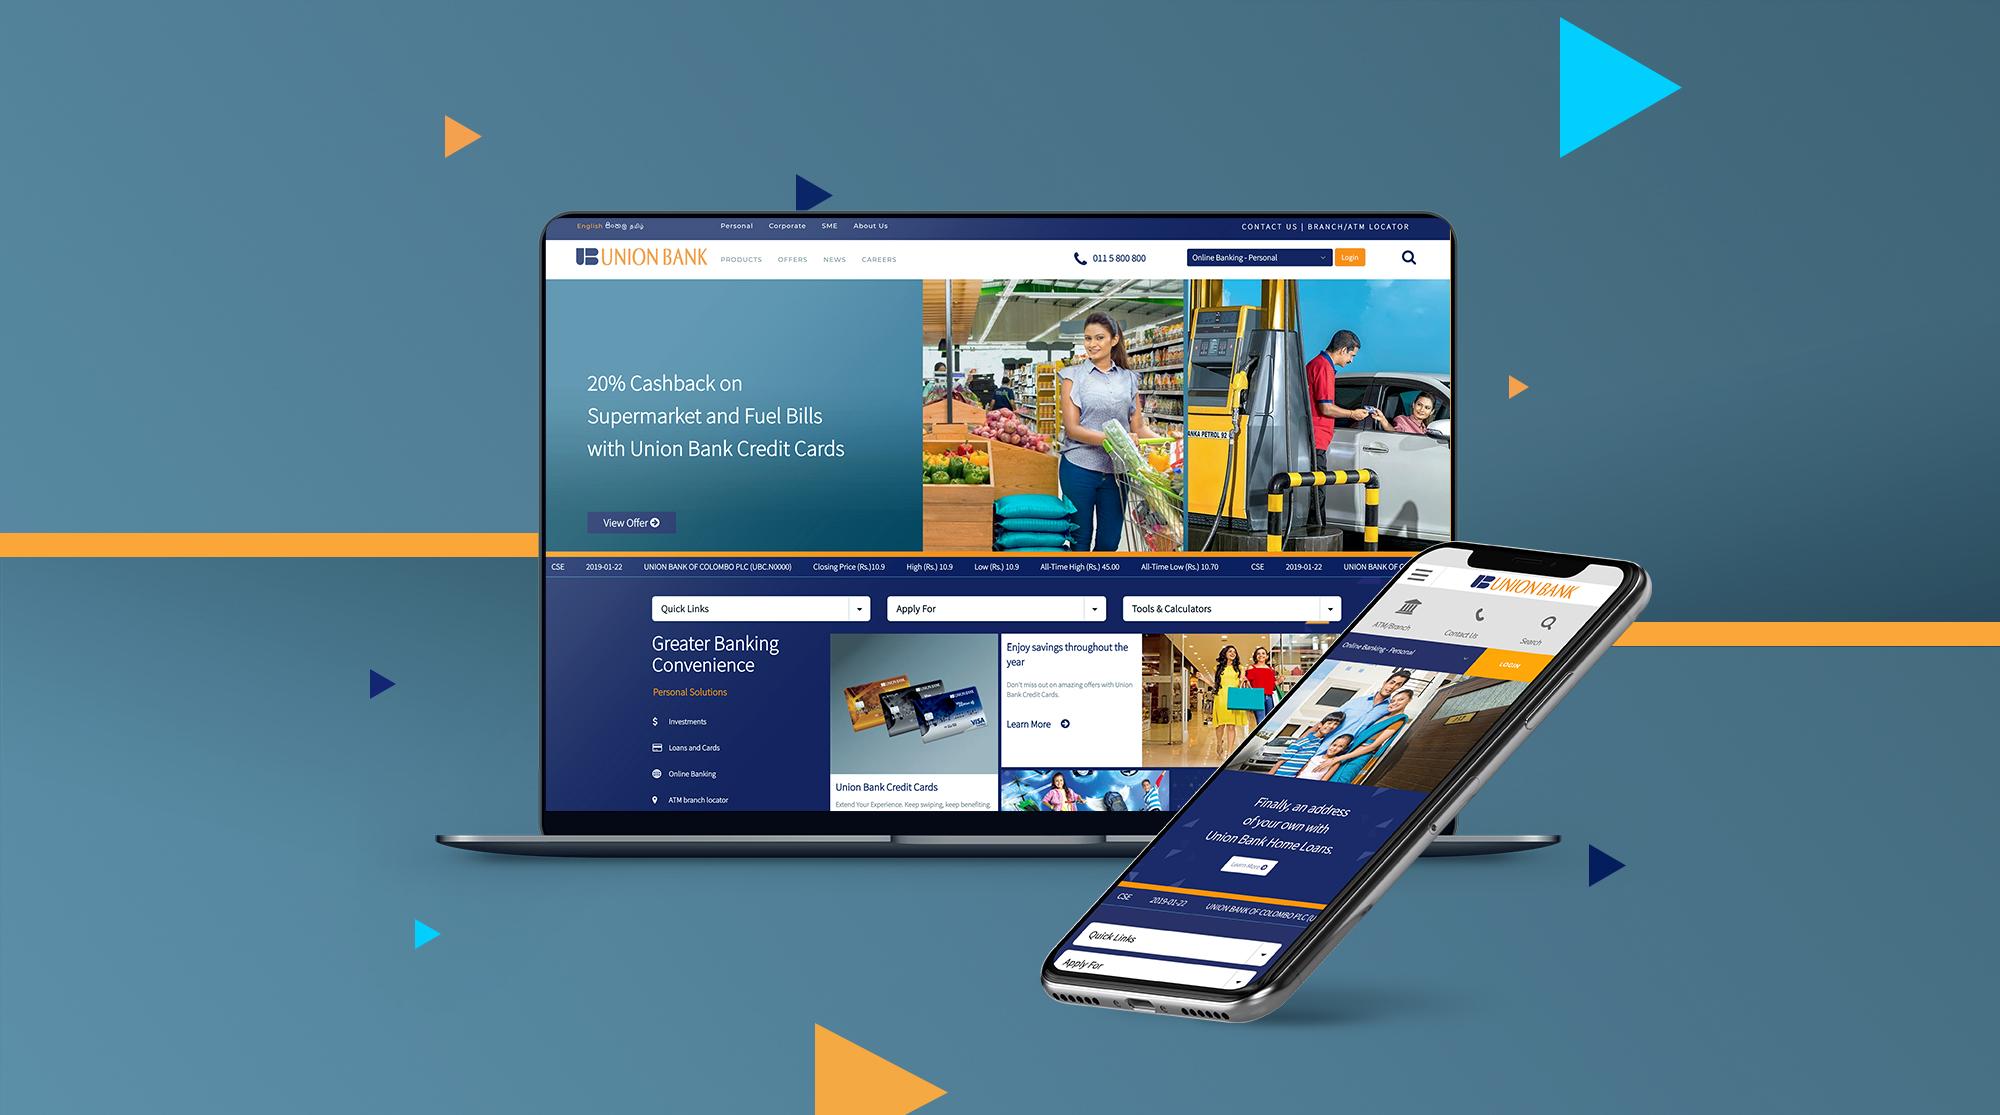 Union Bank Corporate Website